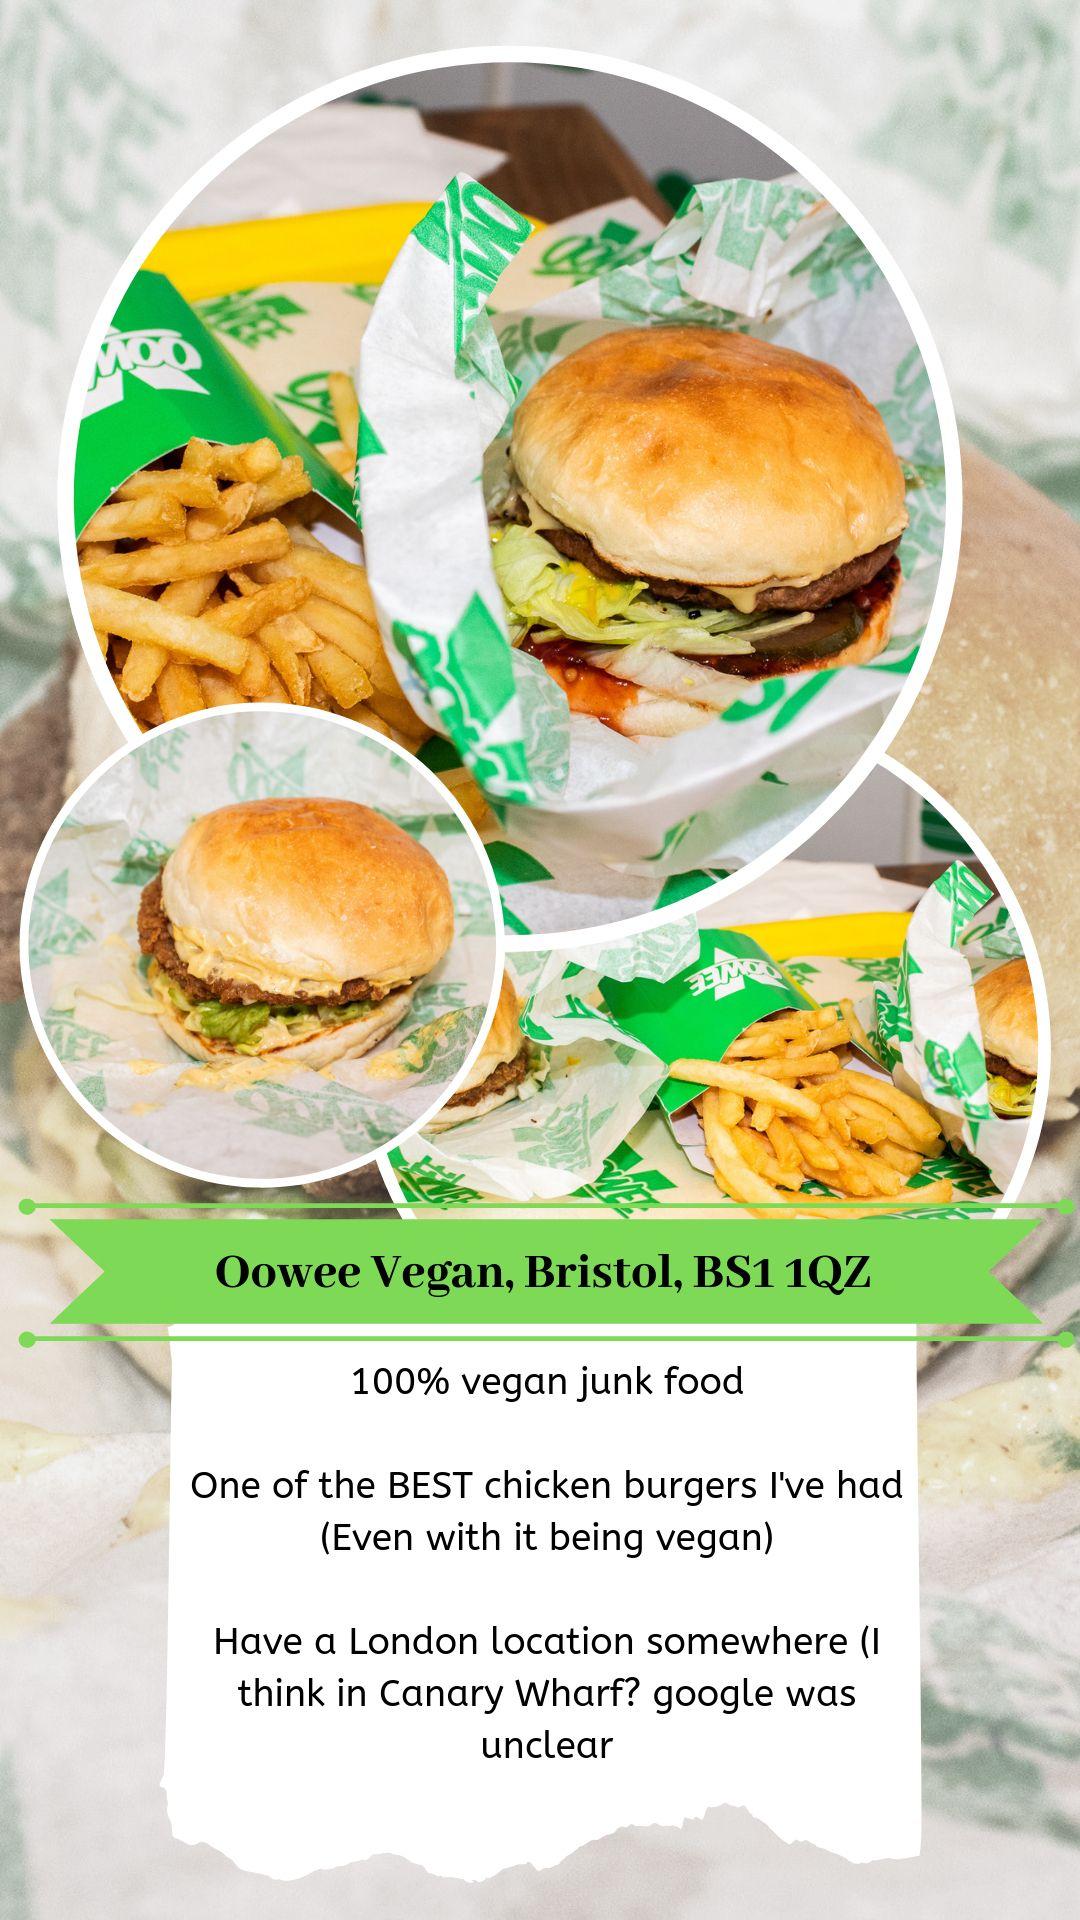 Mini Review Of Oowee Vegan A 100 Vegan Junk Food